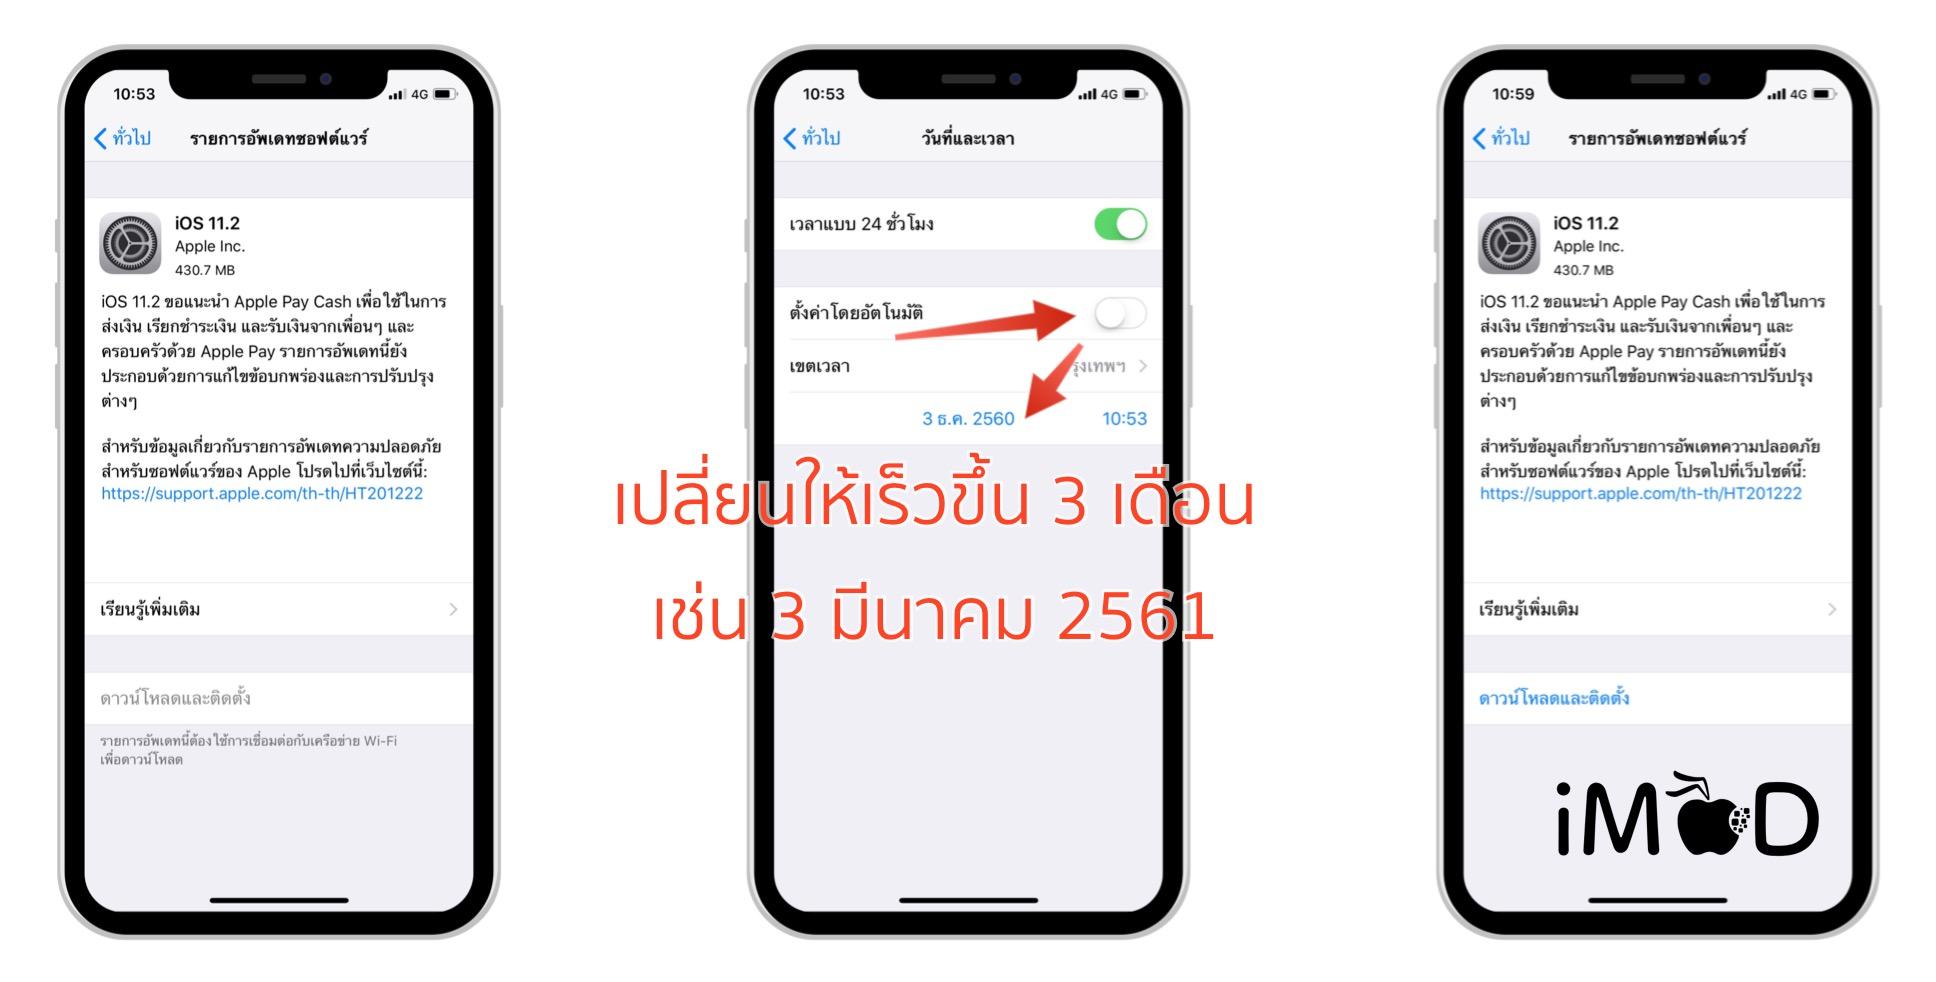 Ios Ota Update Via Cellular